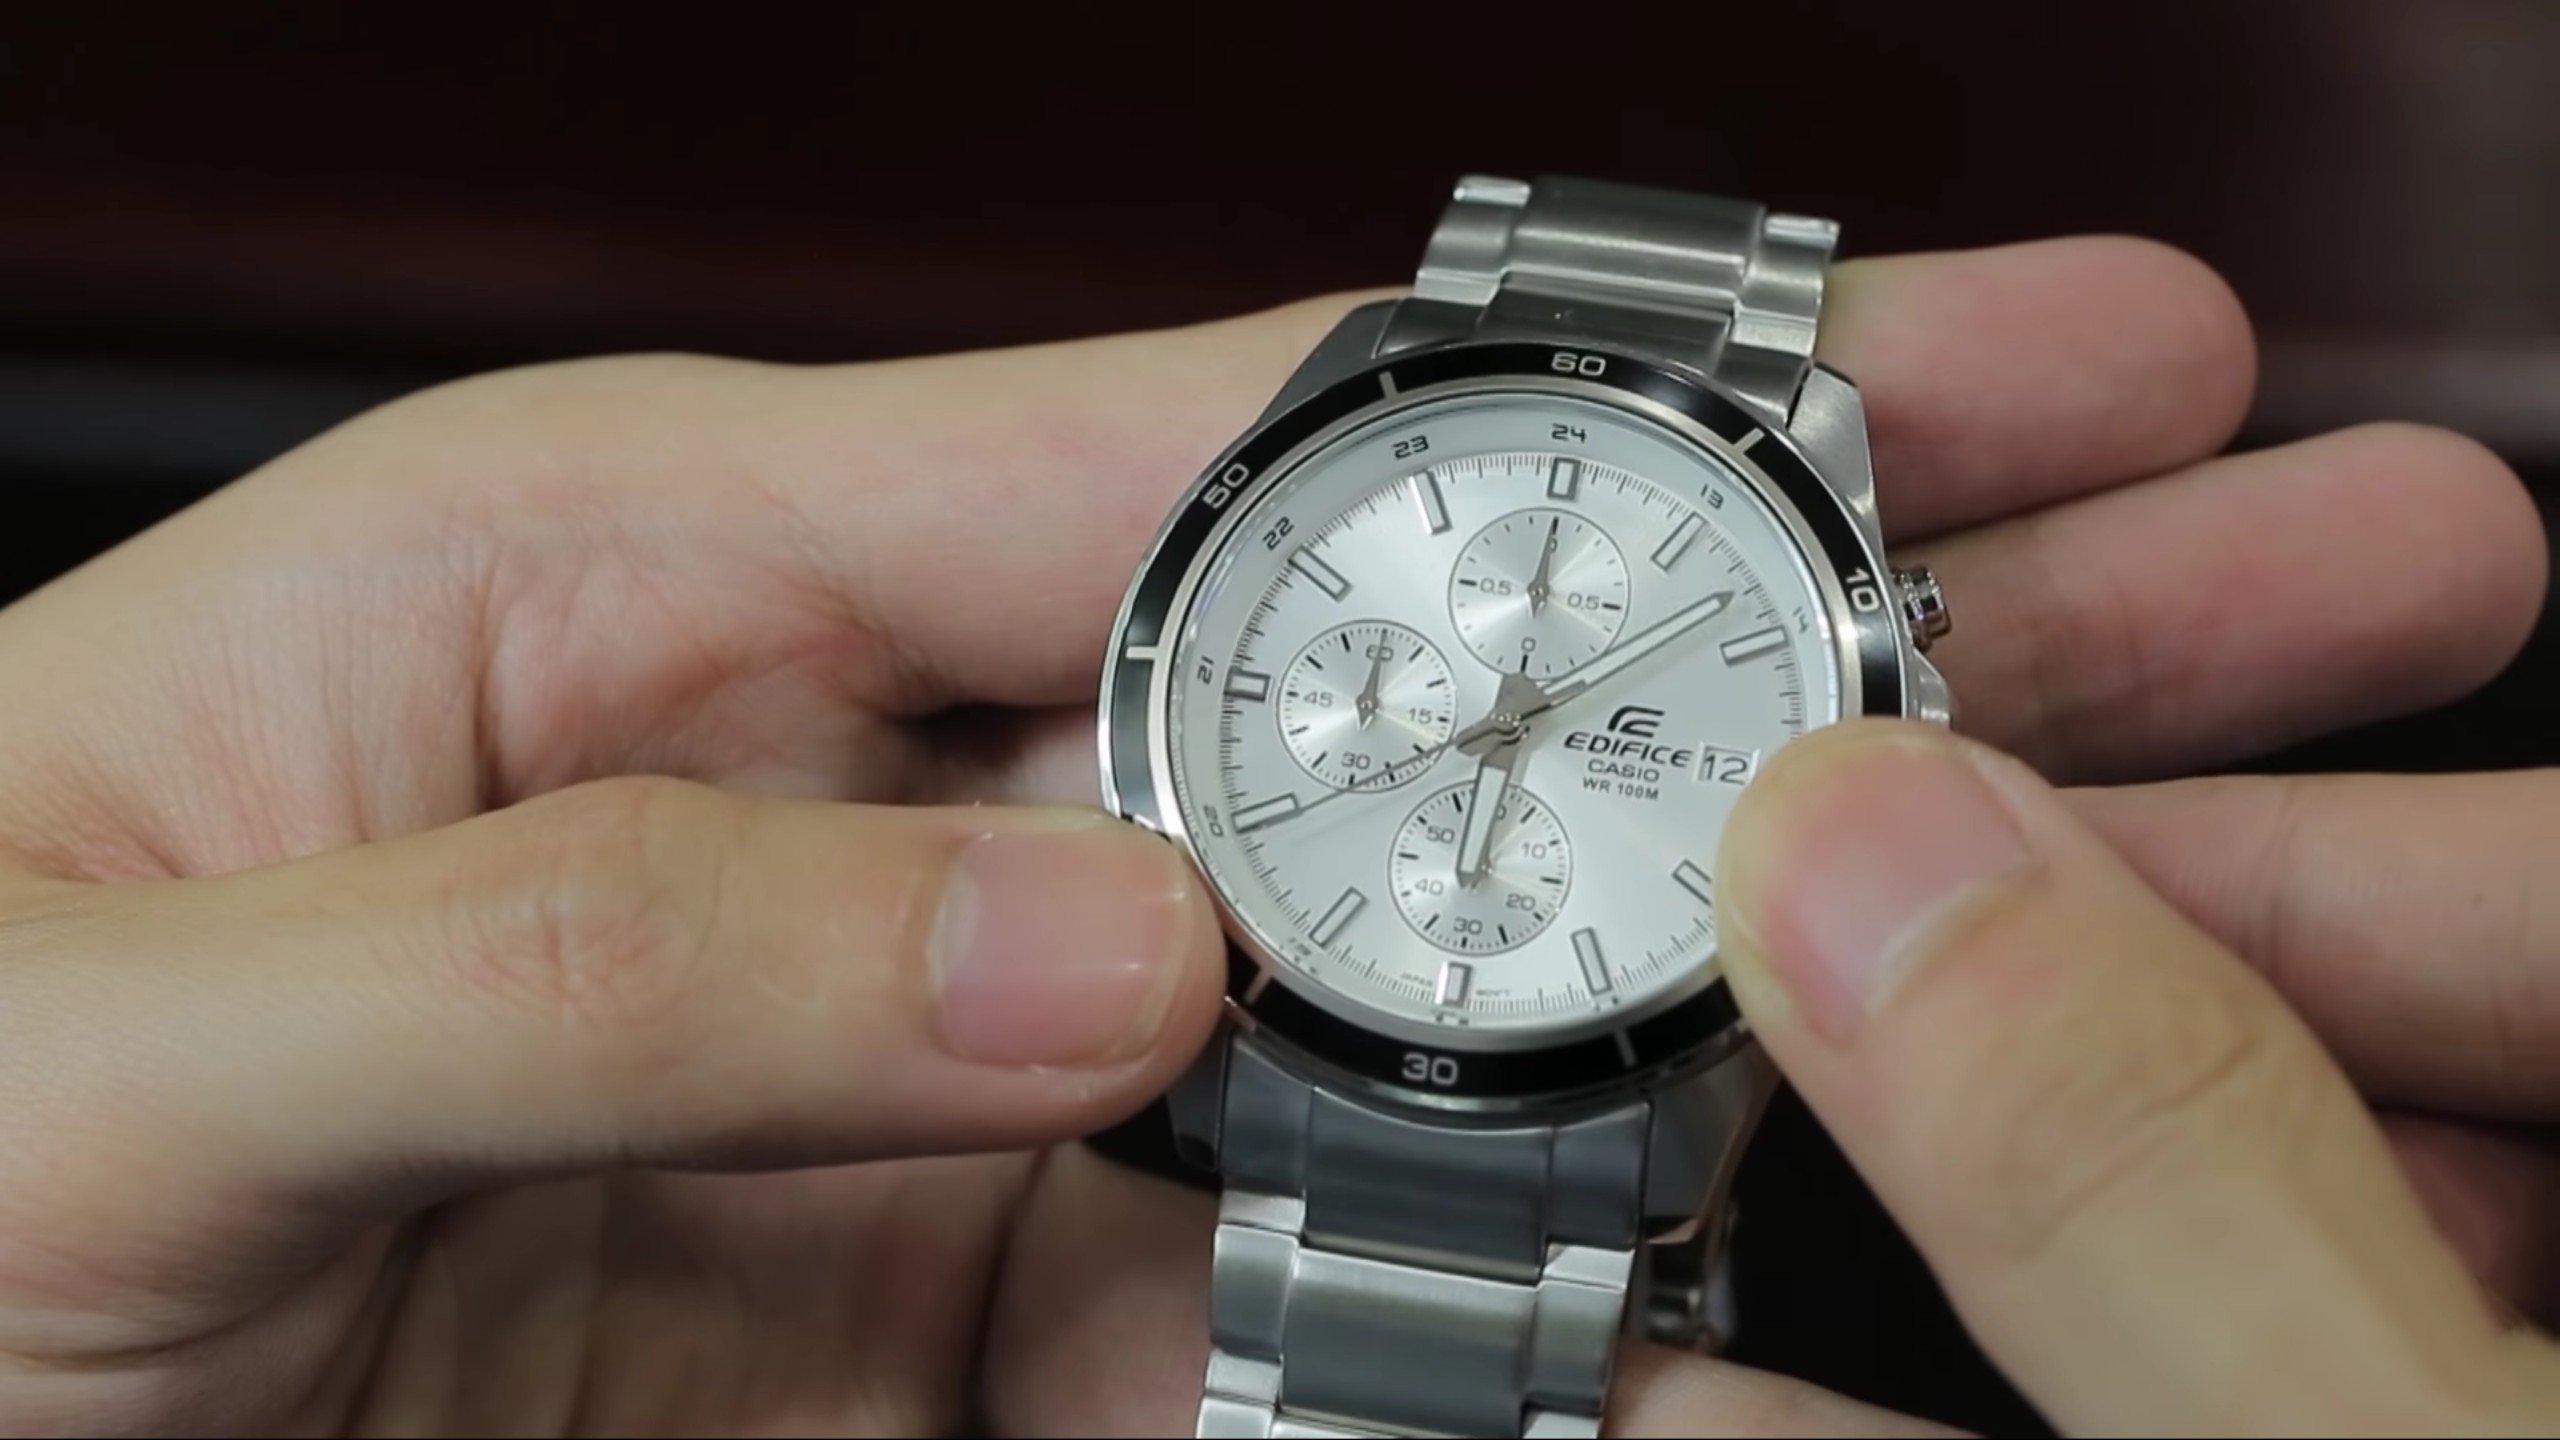 Vệ sinh để đồng hồ Casio Edifice luôn sáng bóng